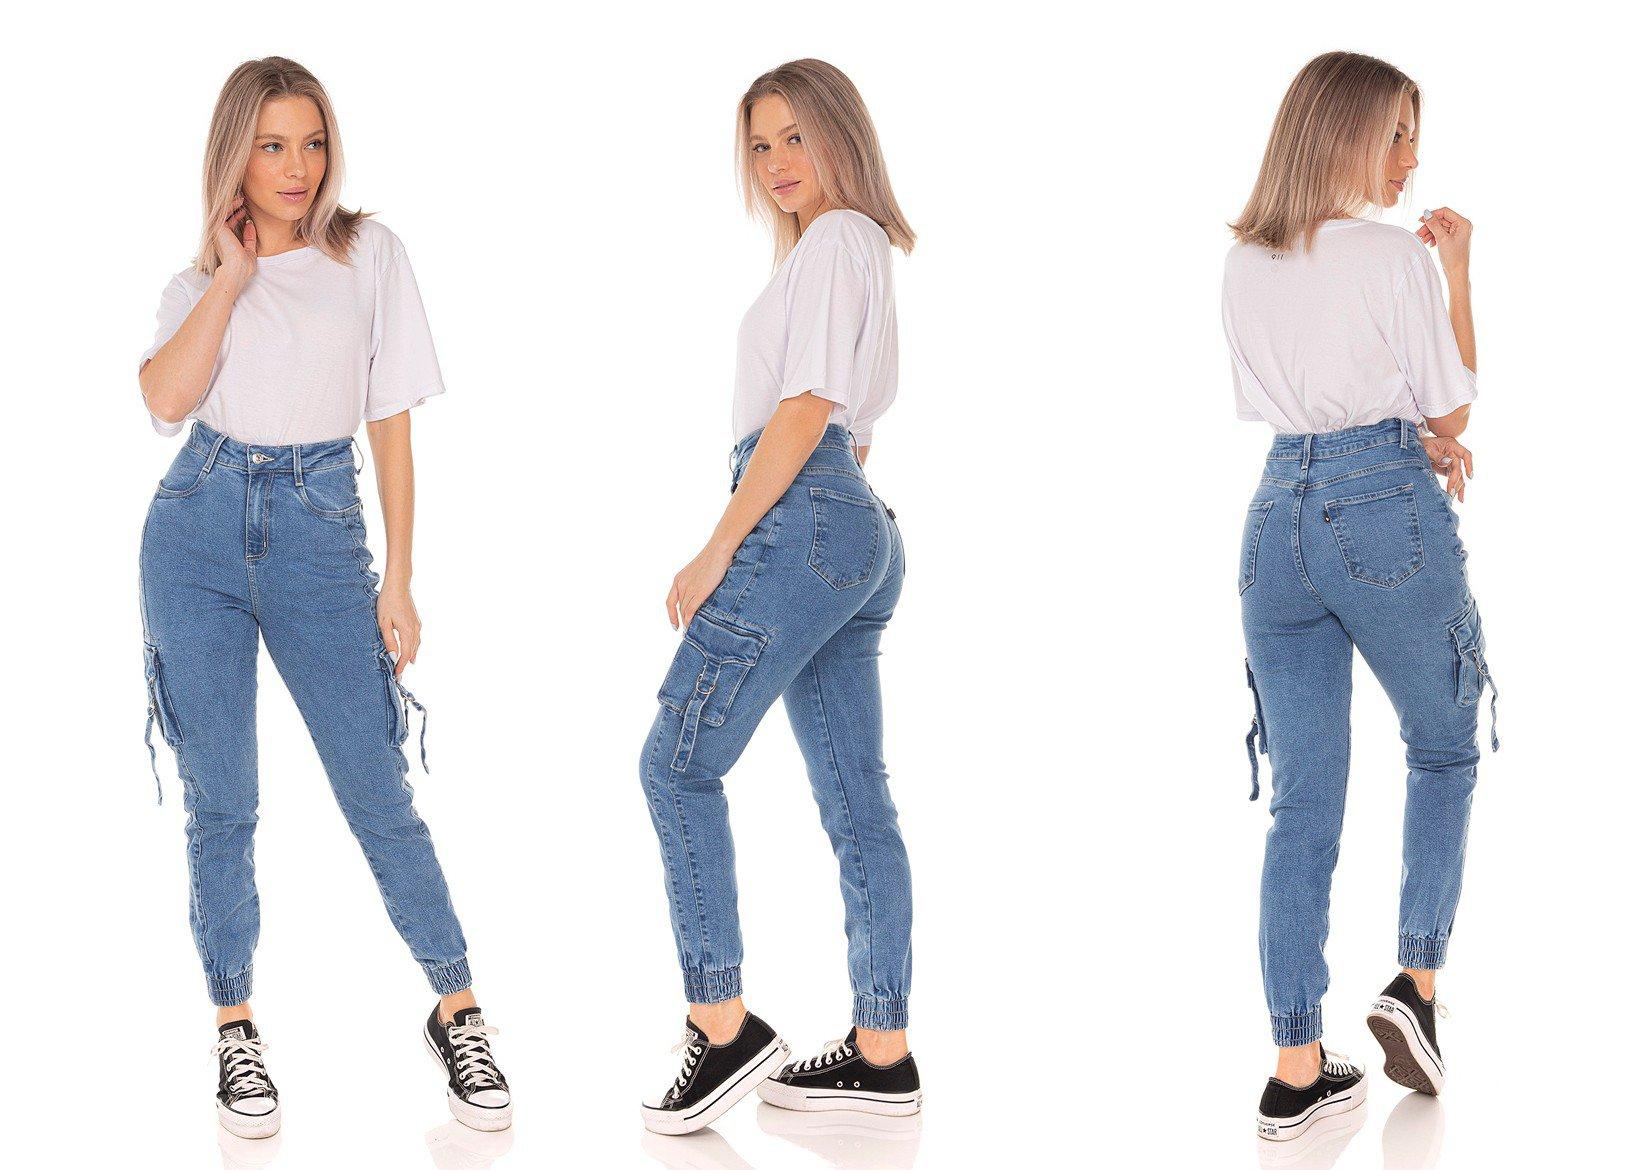 dz3586 calca jeans feminina mom fit bolsos utilitarios denim zero tripla